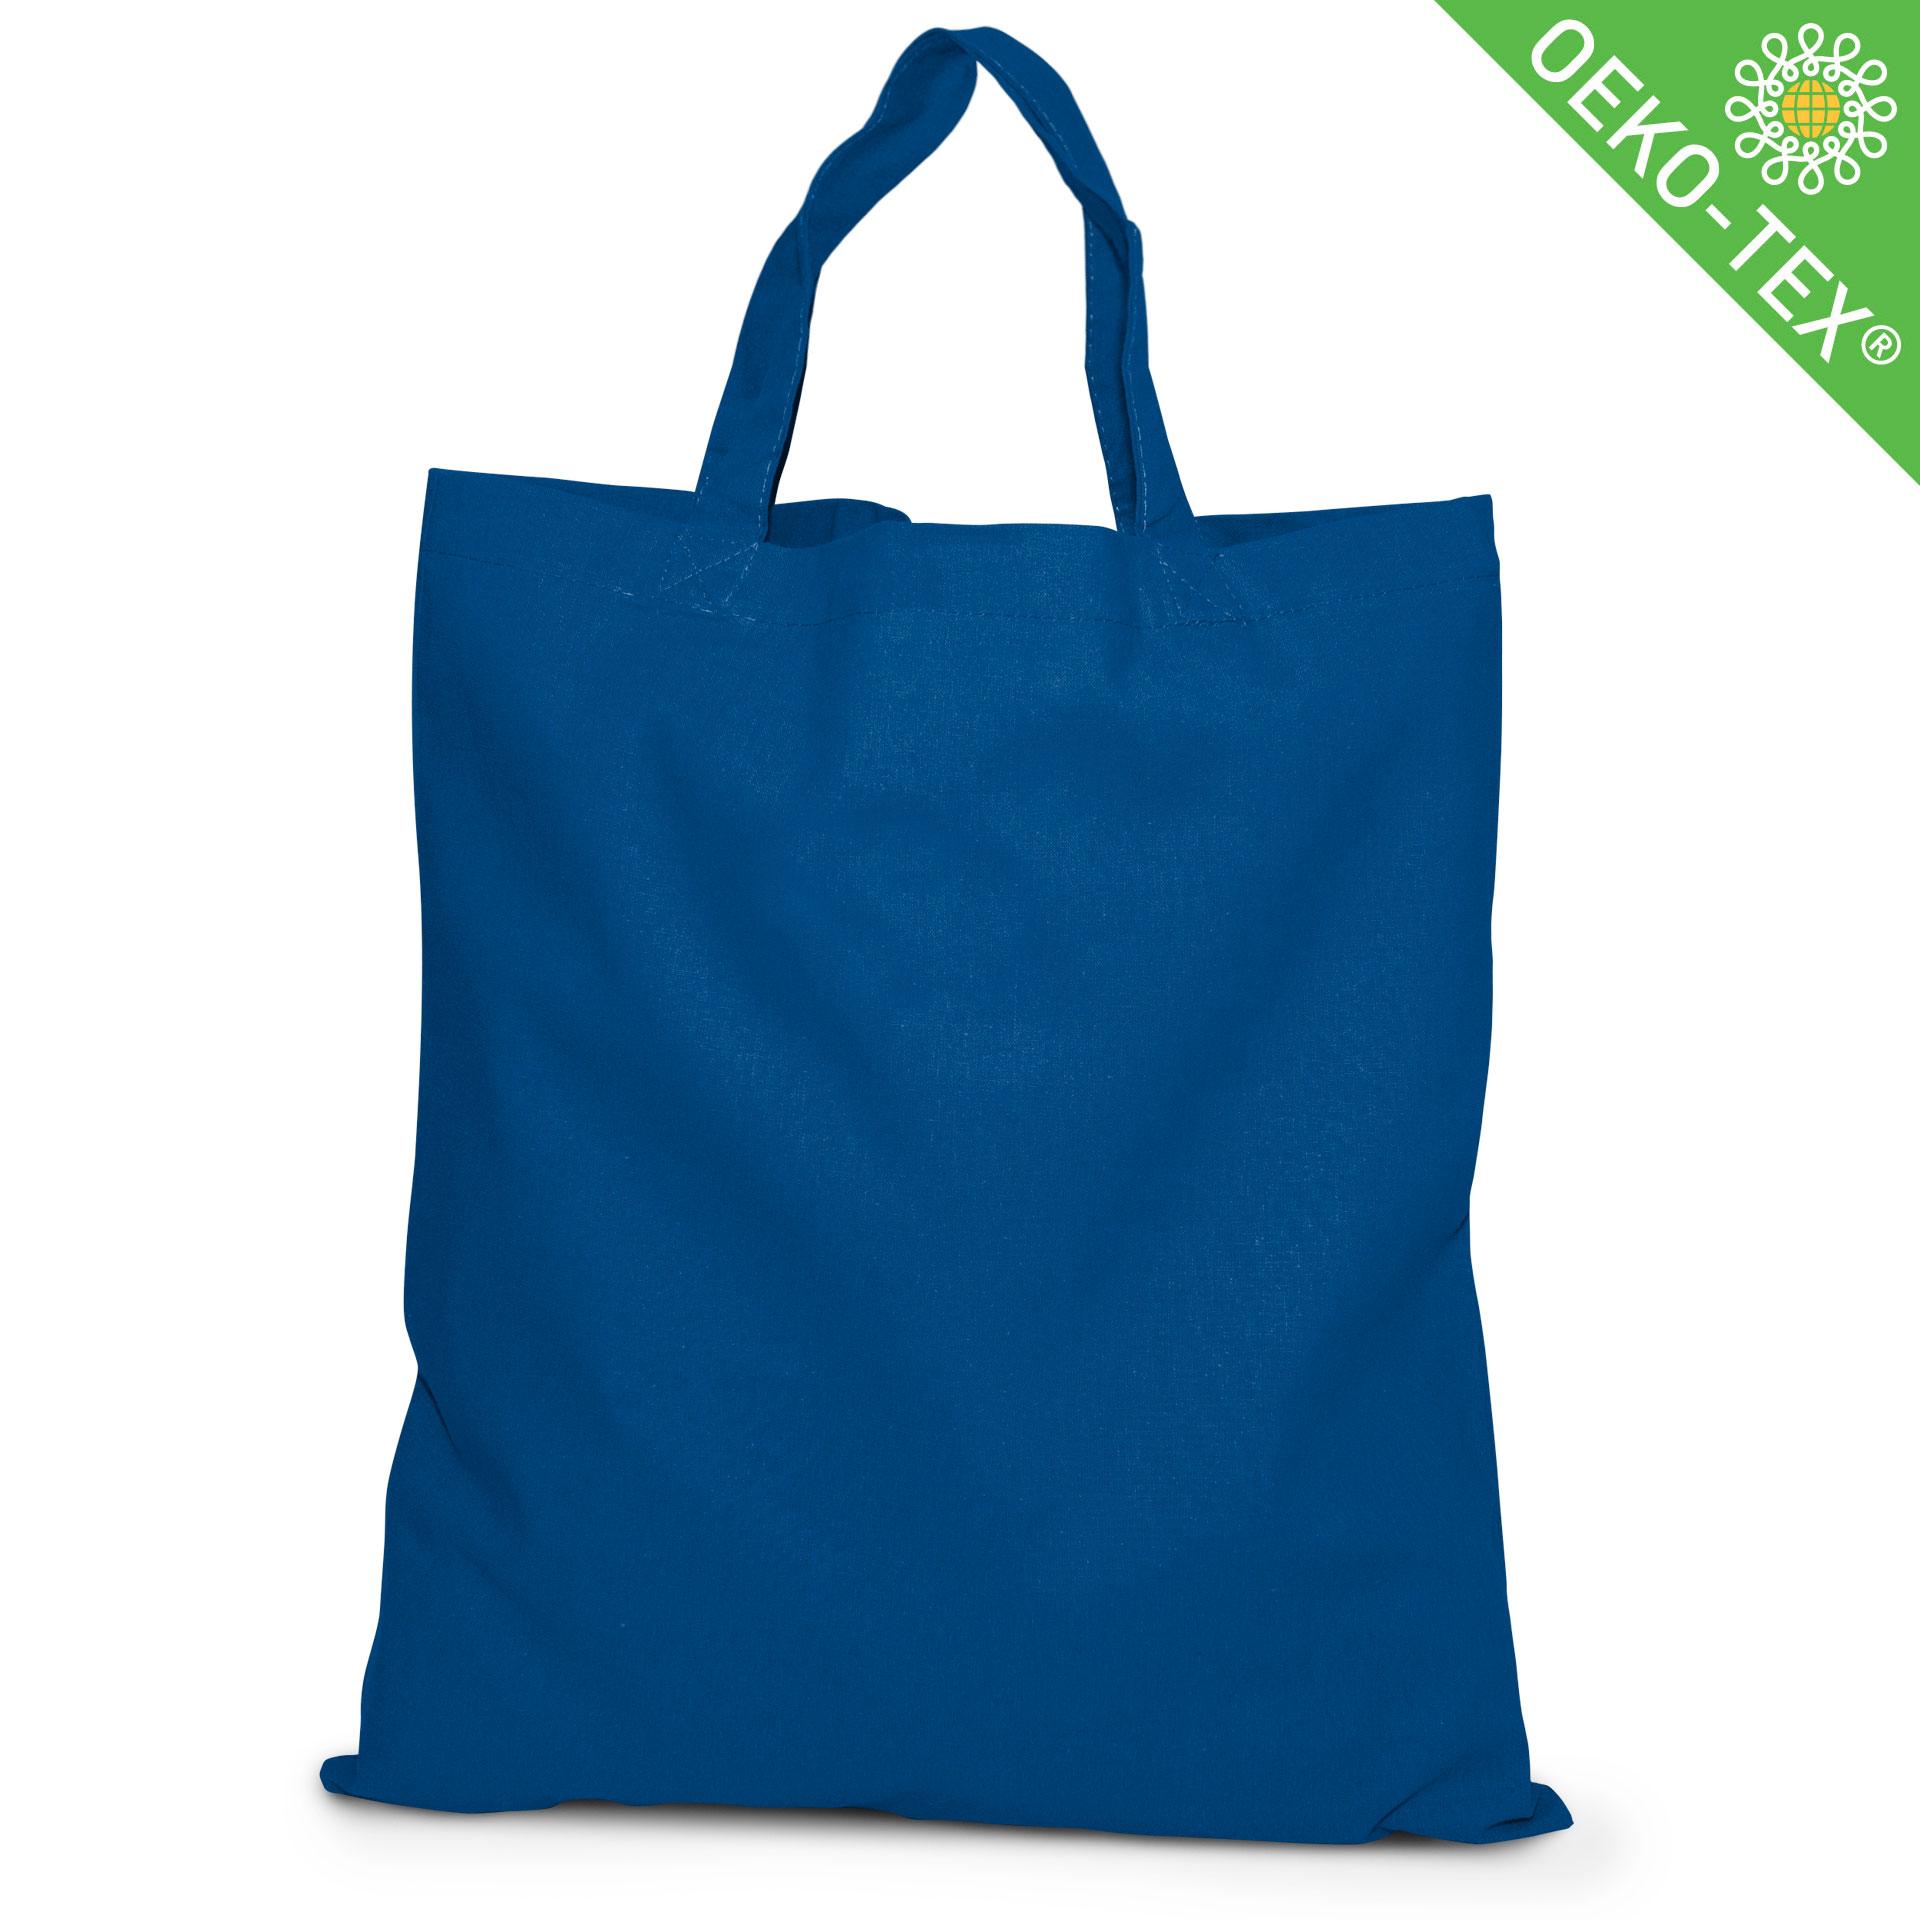 20 Kapstadt Baumwolltasche mit kurzen Henkeln, Farbe: royalblau